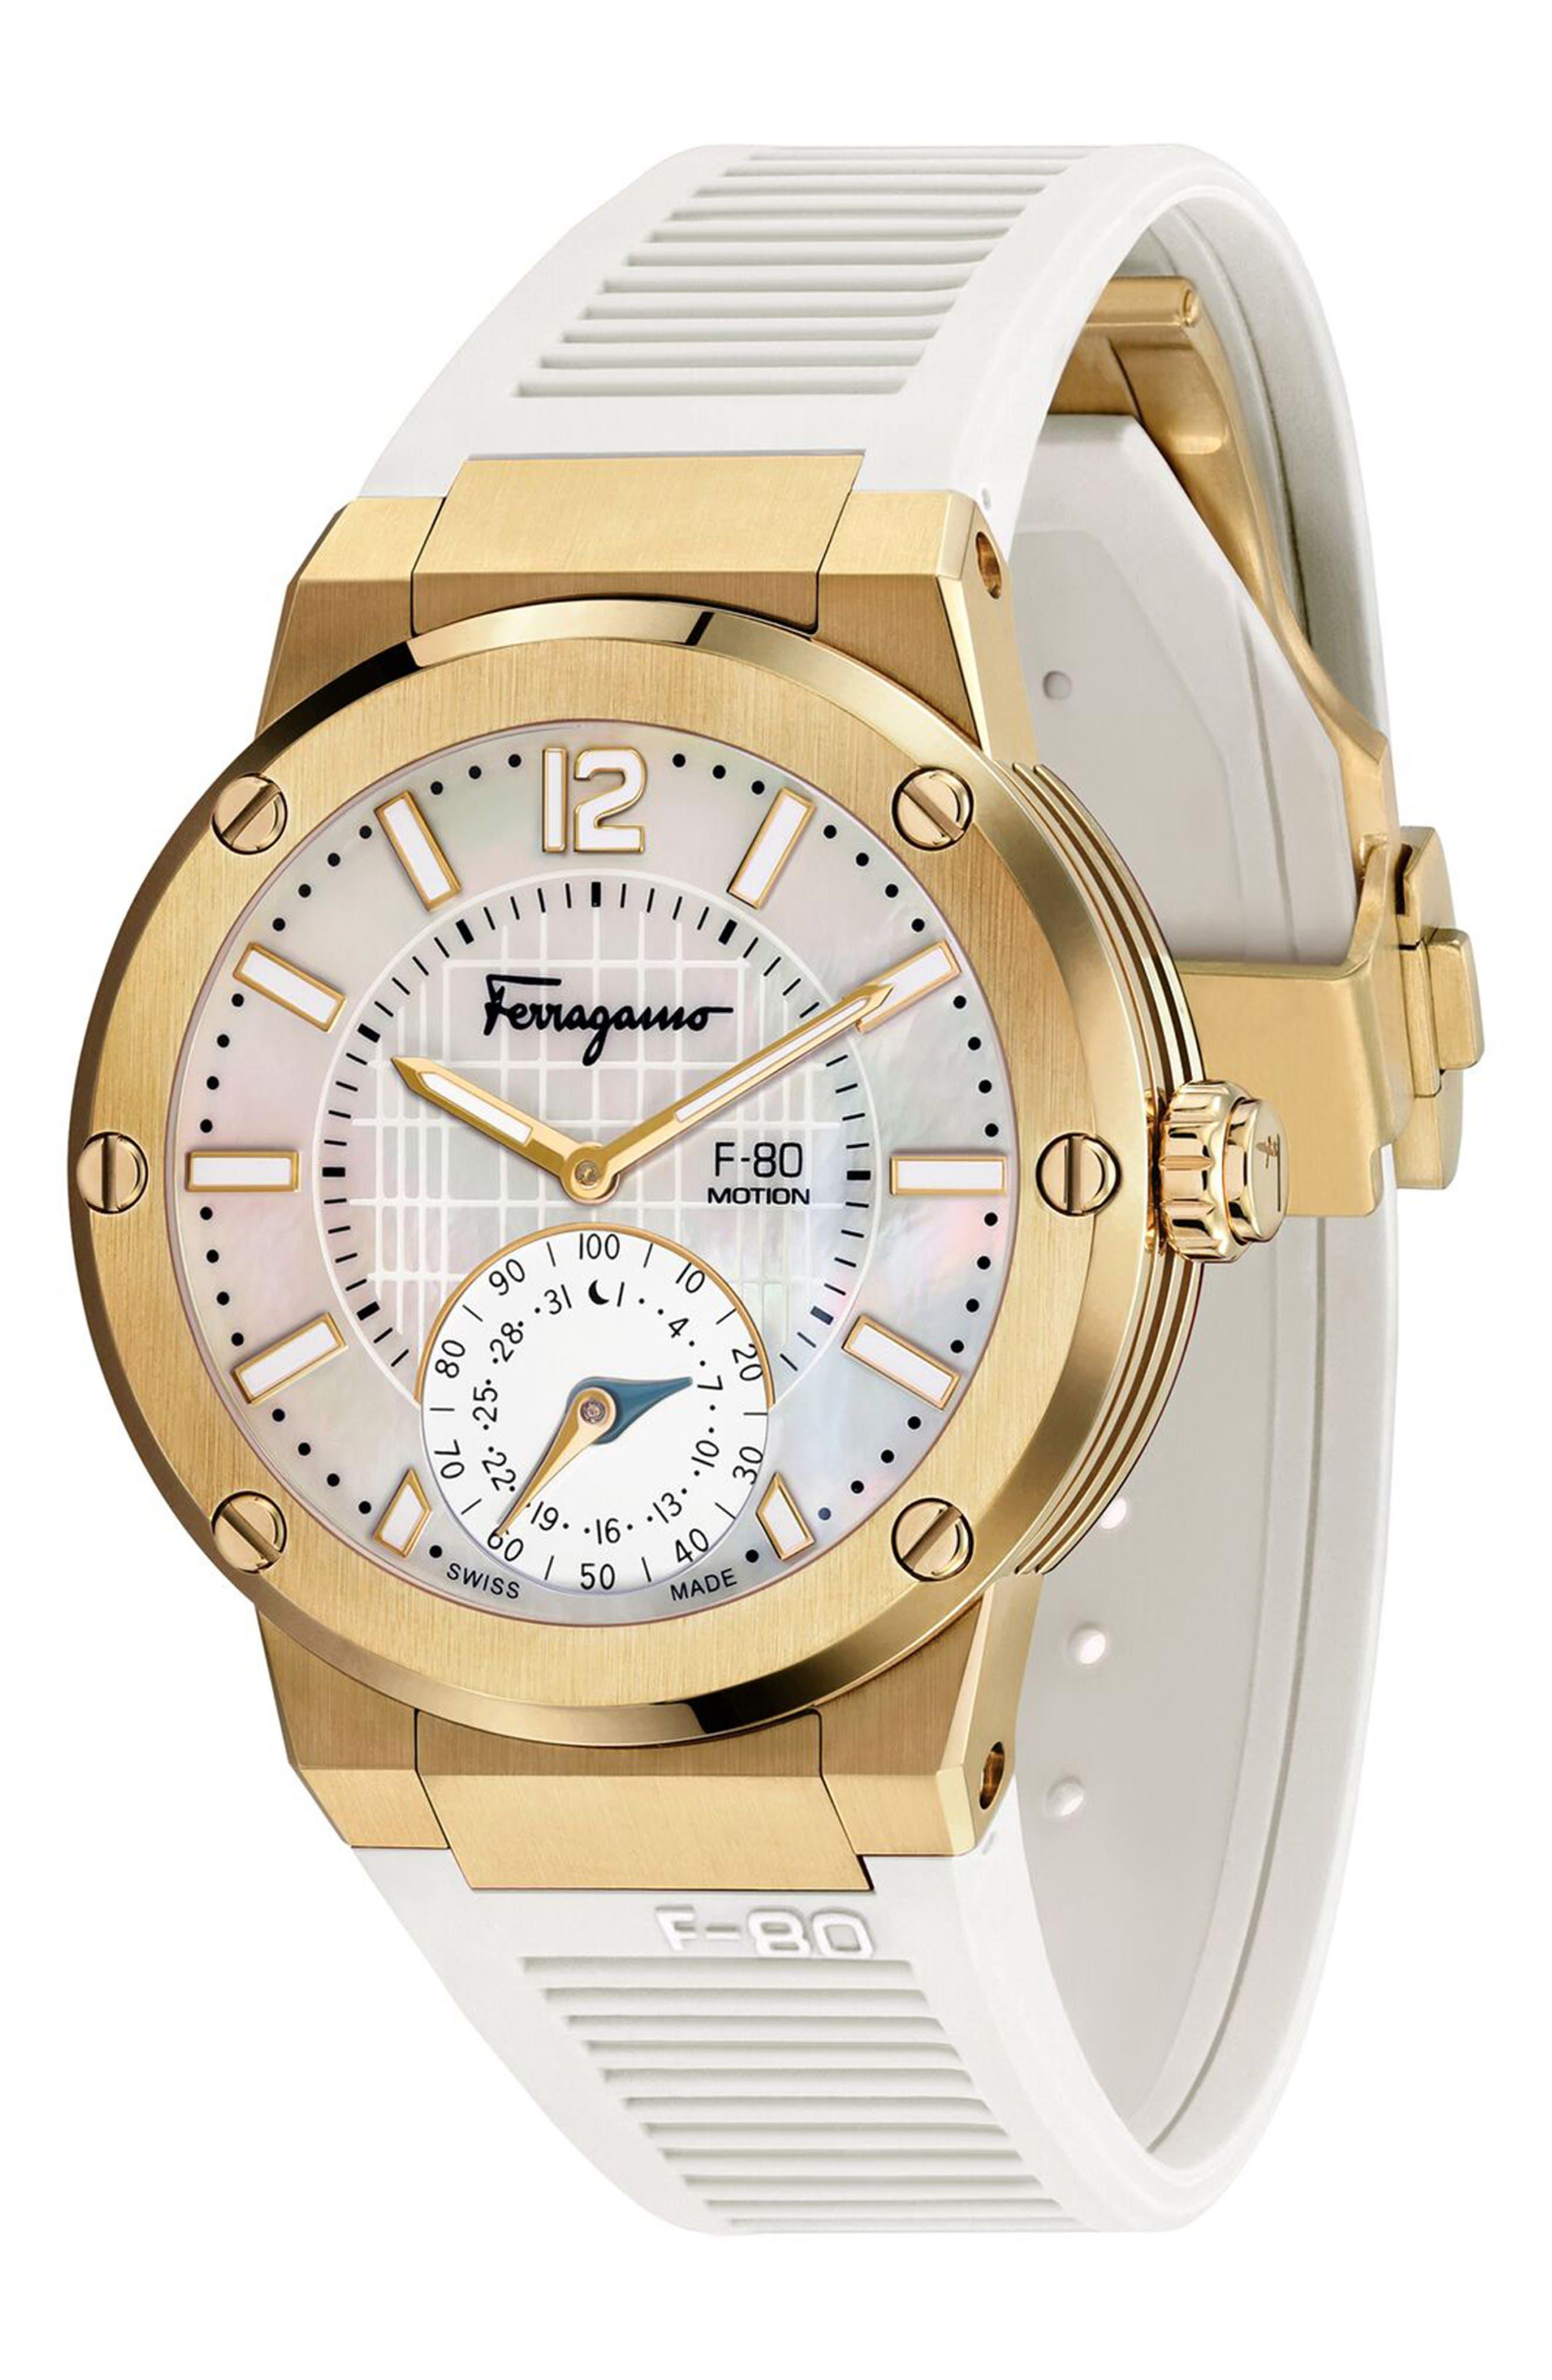 Image of Salvatore Ferragamo Men's F-80 Motion Silicone Strap Smart Watch, 44mm